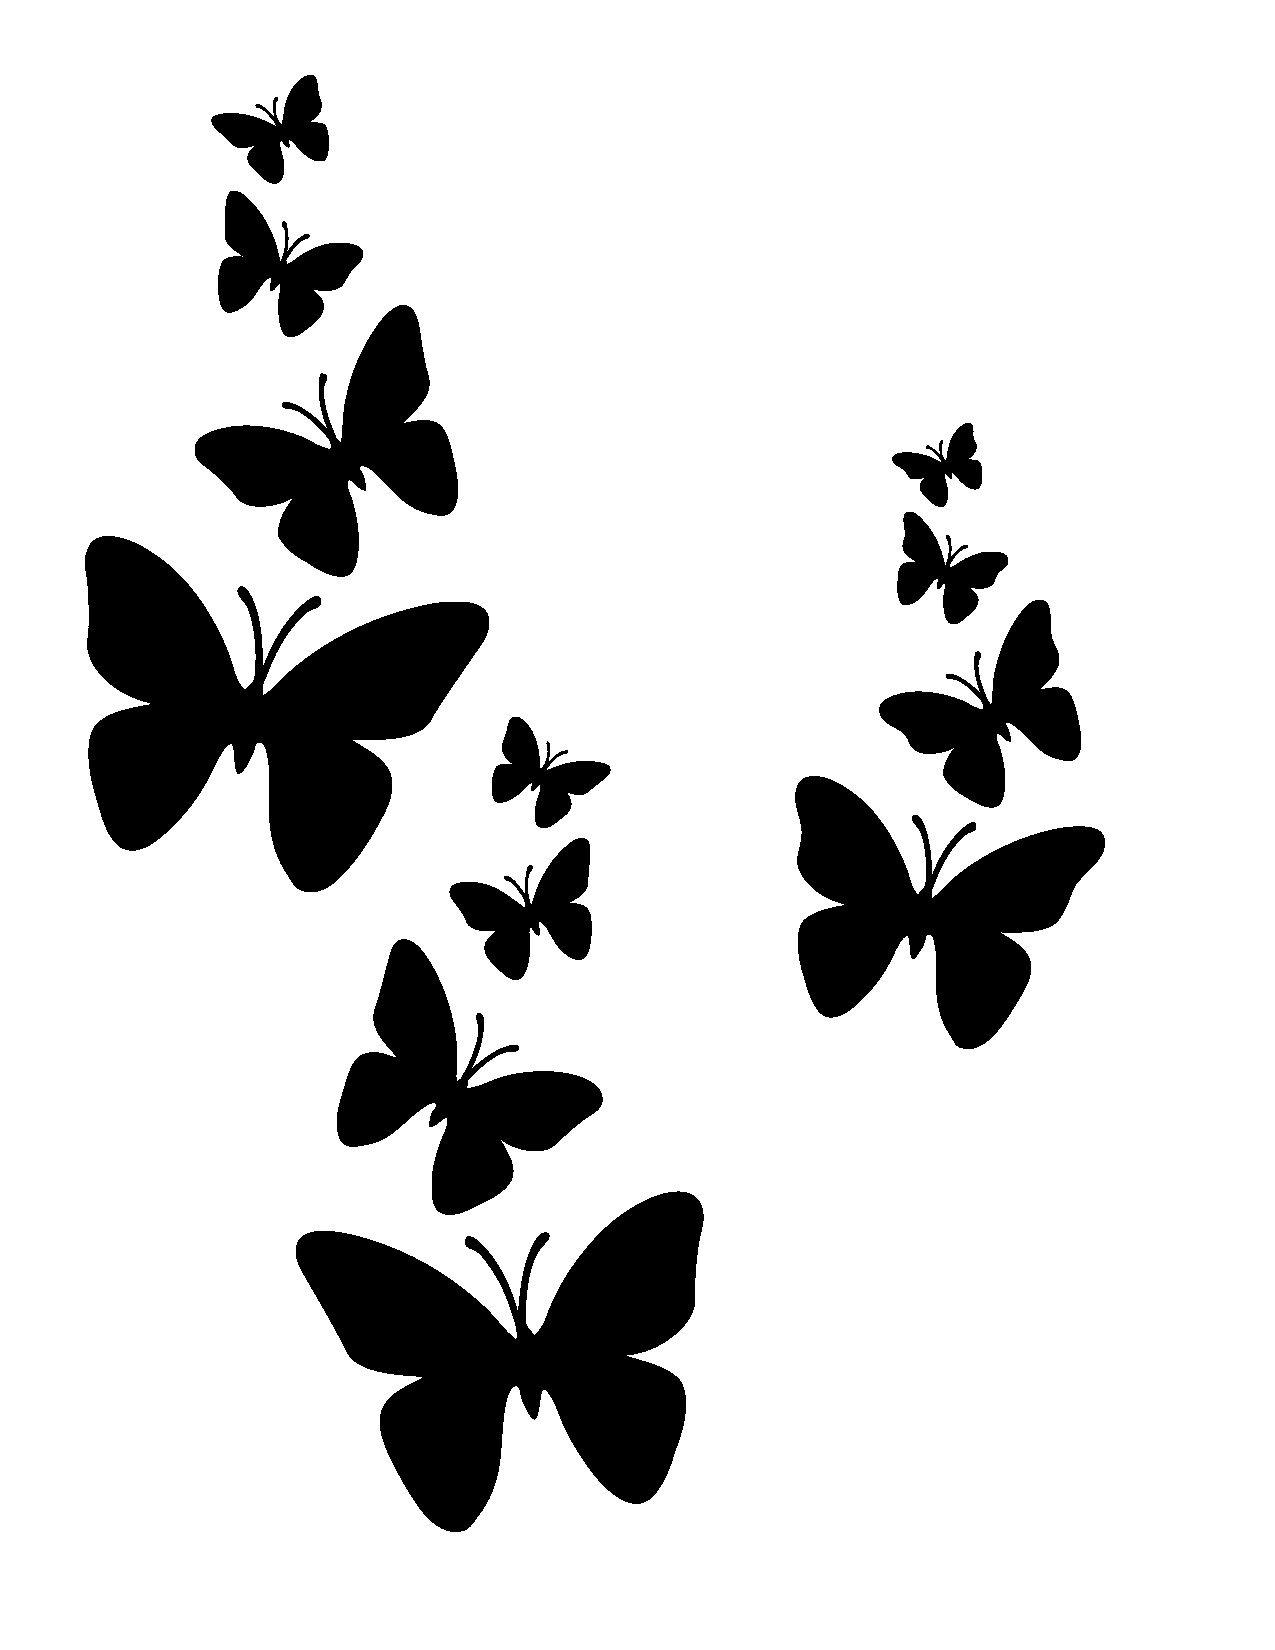 Butterfly Stencil Pajaros Jaulas E Insectos Imágenes Y